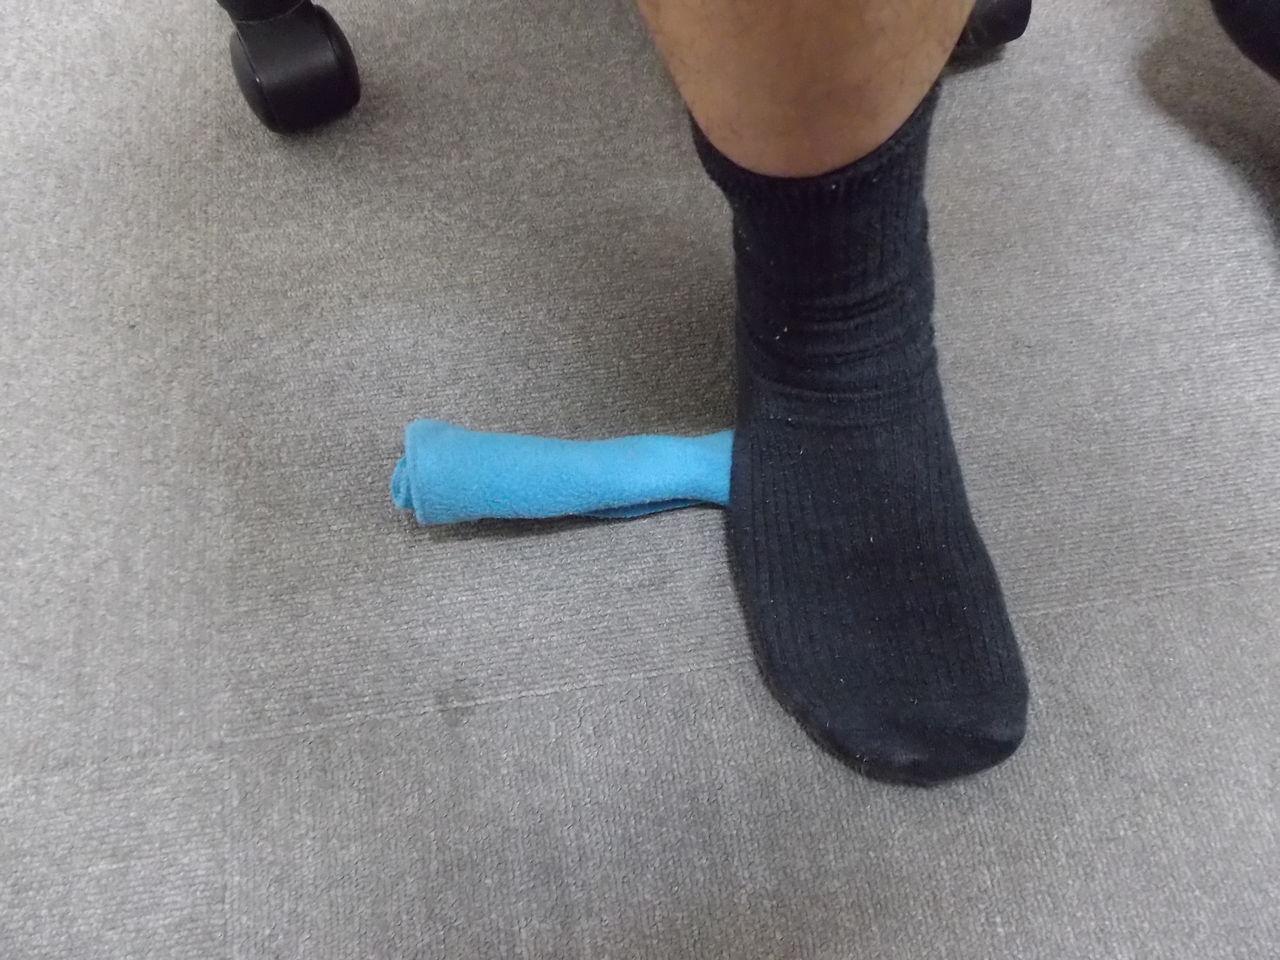 ↑ 捻挫してしまうと足の小指側の骨が通常の位地より下に落ちてしまいます... 足関節捻挫④最終回